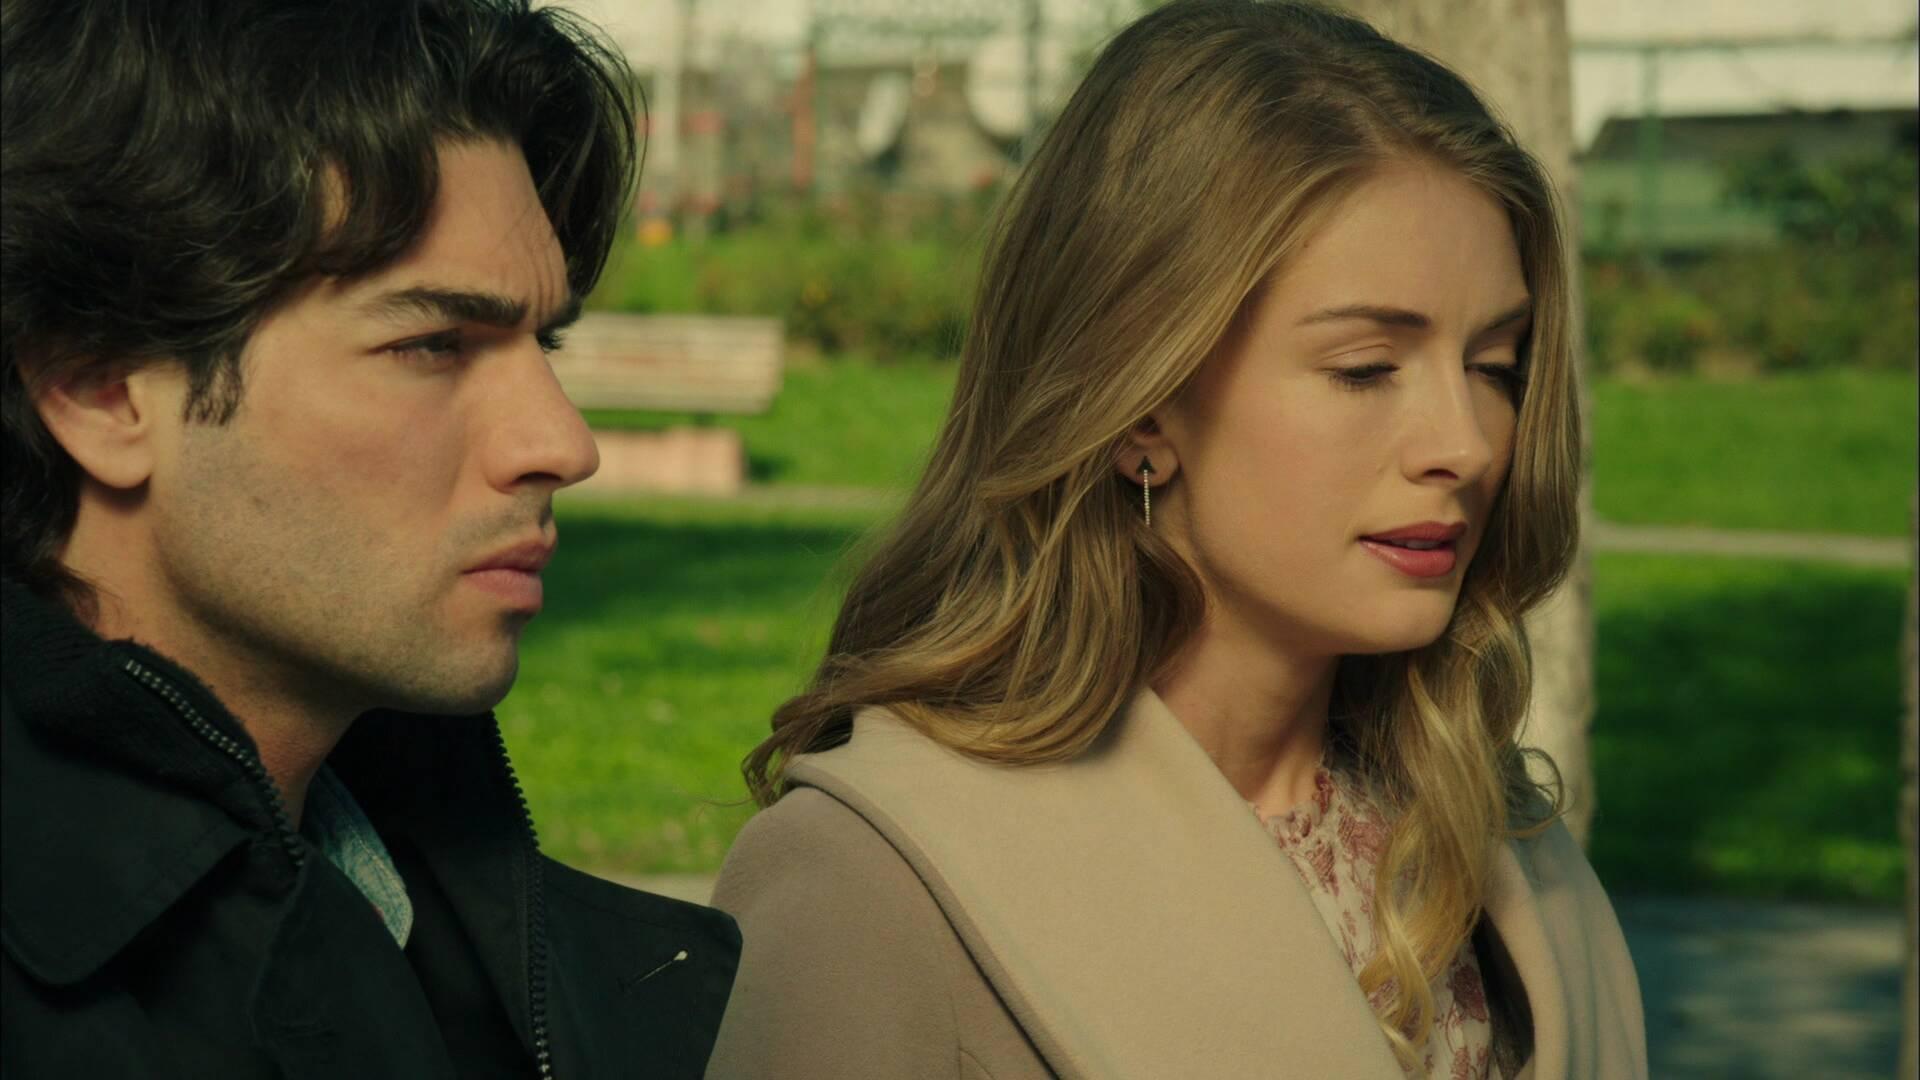 Emir ile Sibel'in yüzleşmesi